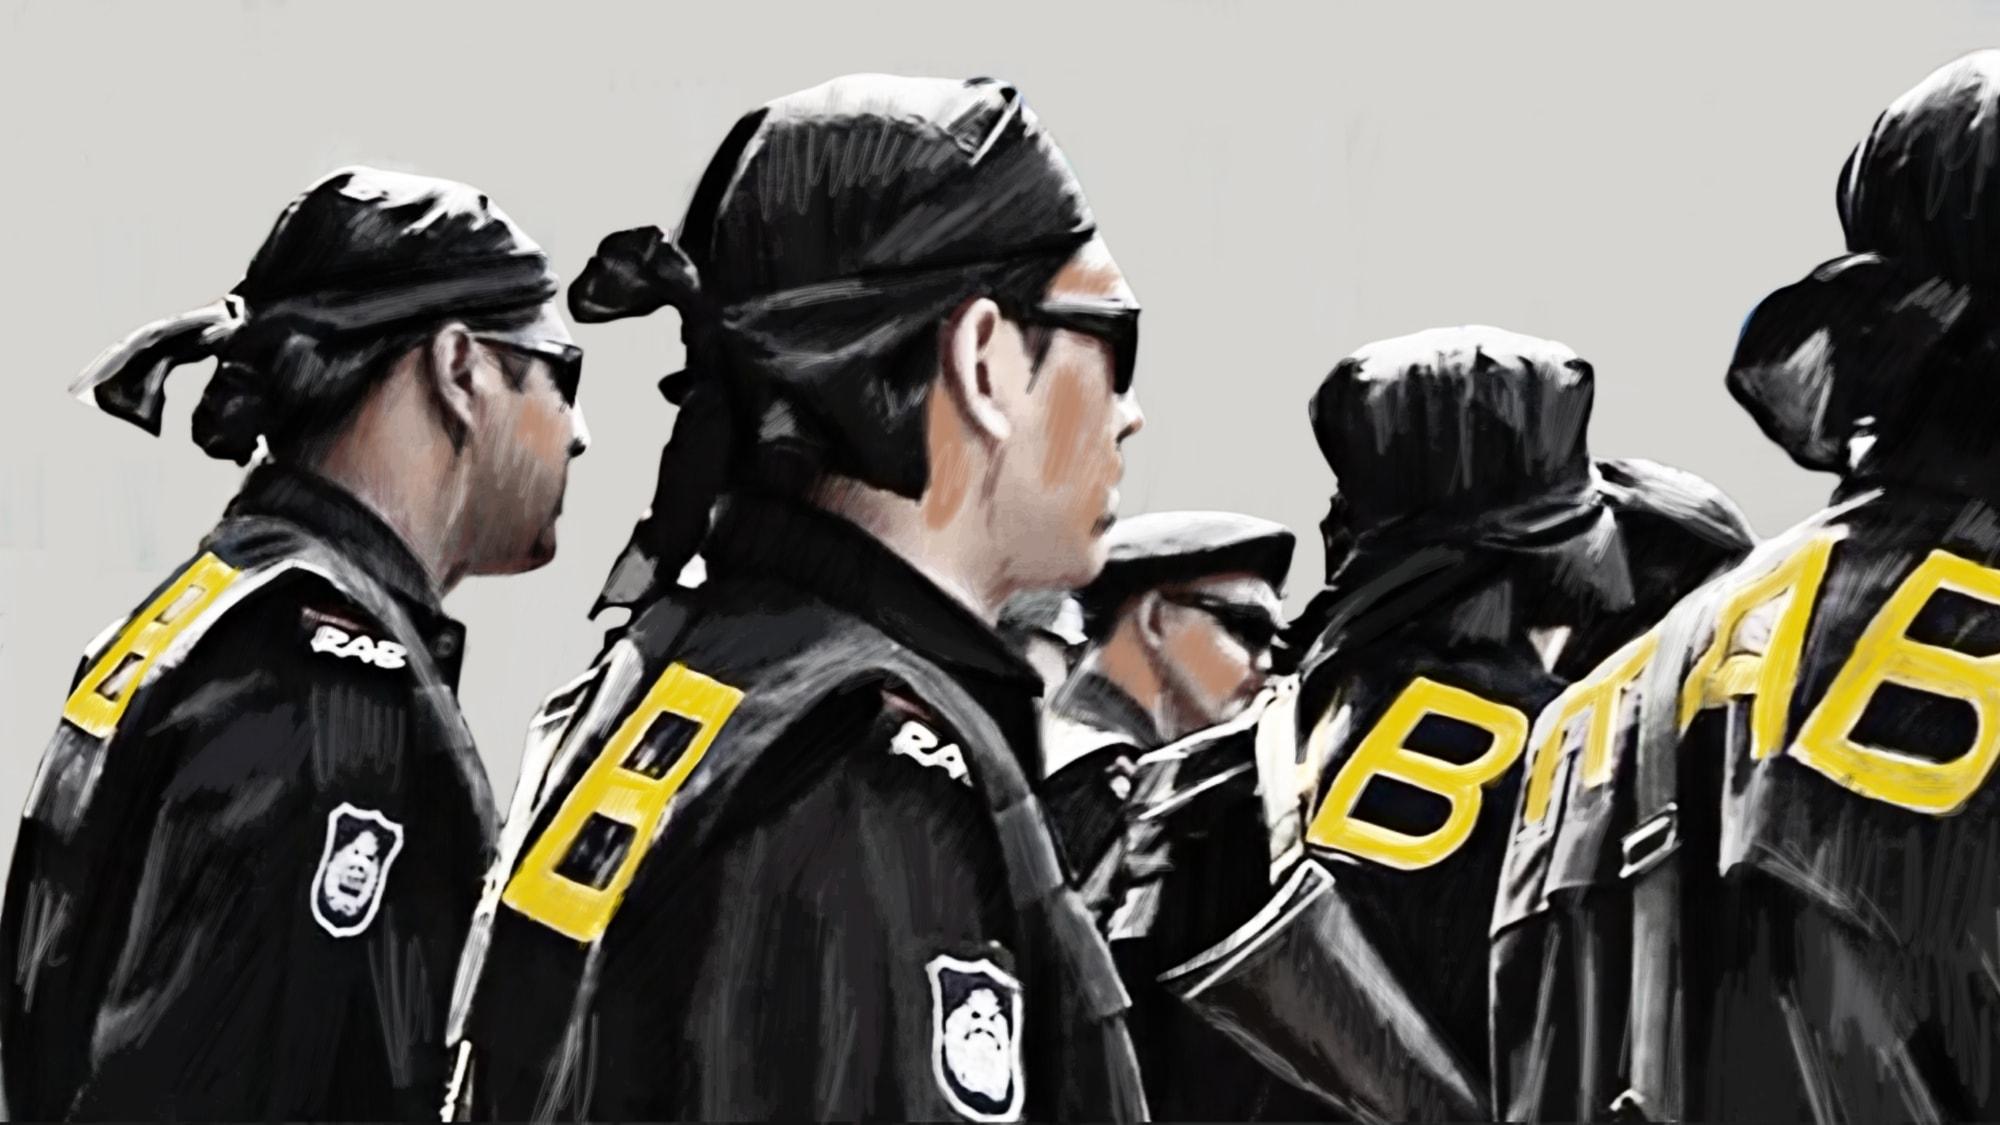 Polisstyrkan RAB:s våldsamma metoder exponeras i hemlig inspelning